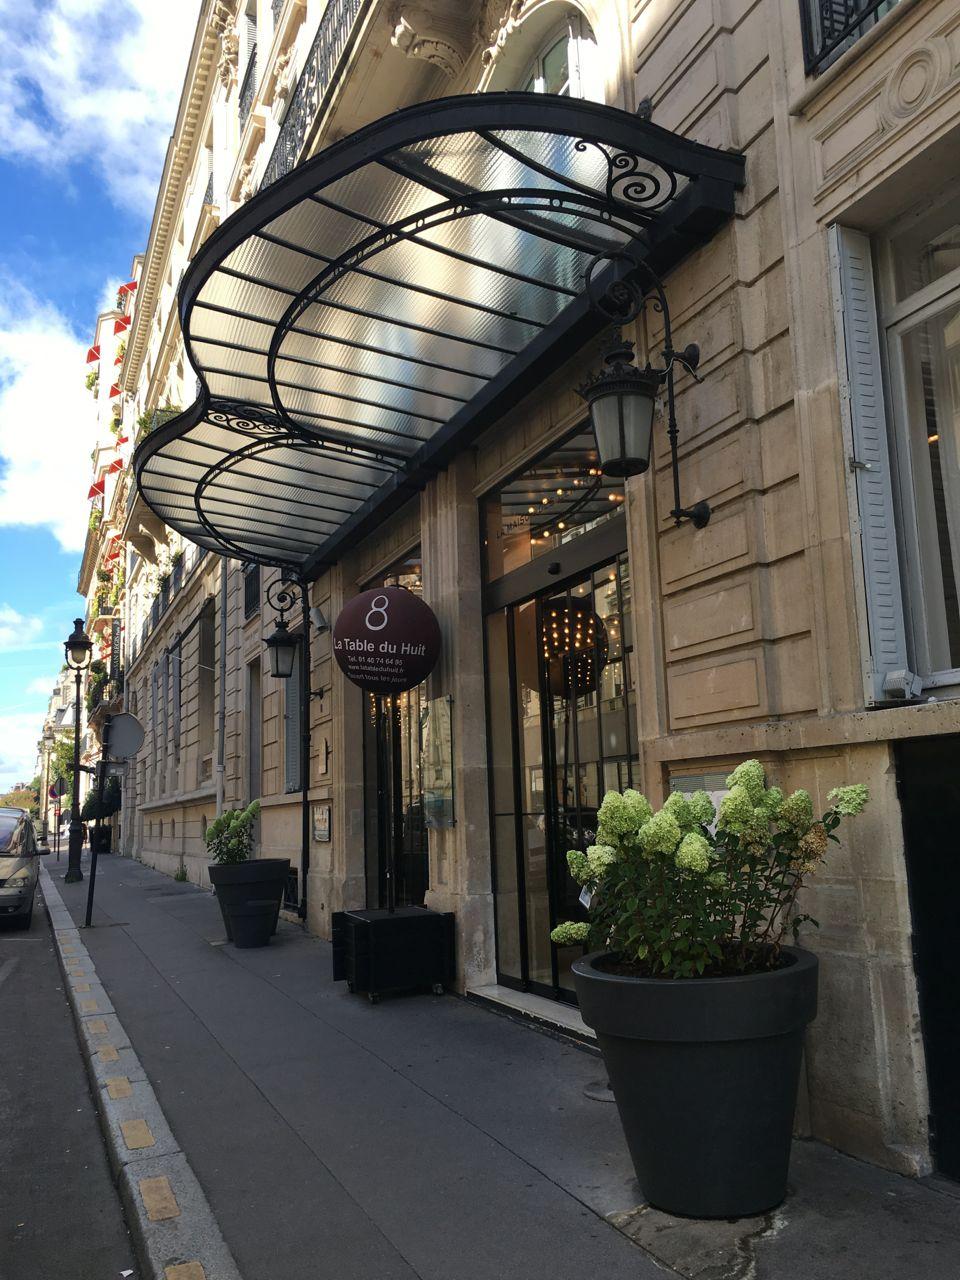 la table du huit le brunch the parisienne. Black Bedroom Furniture Sets. Home Design Ideas